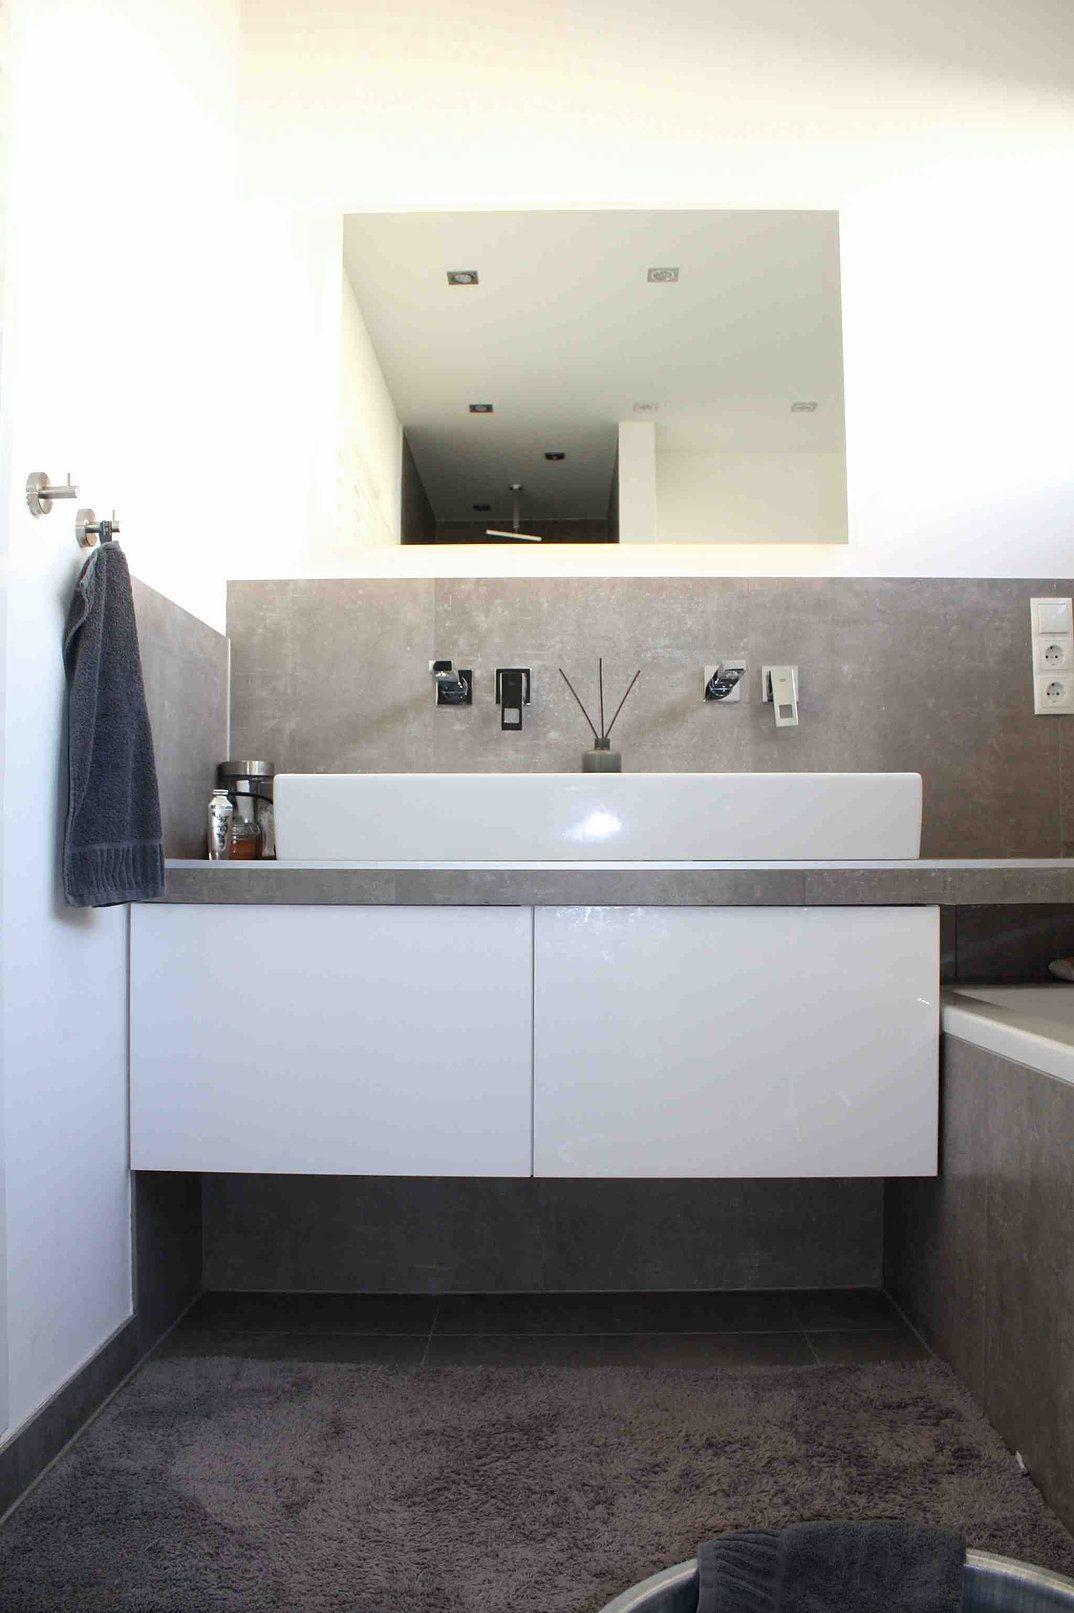 Ein Küchenschrank im Badezimmer | Bad-Umbau mit IKEA METOD Hack ...